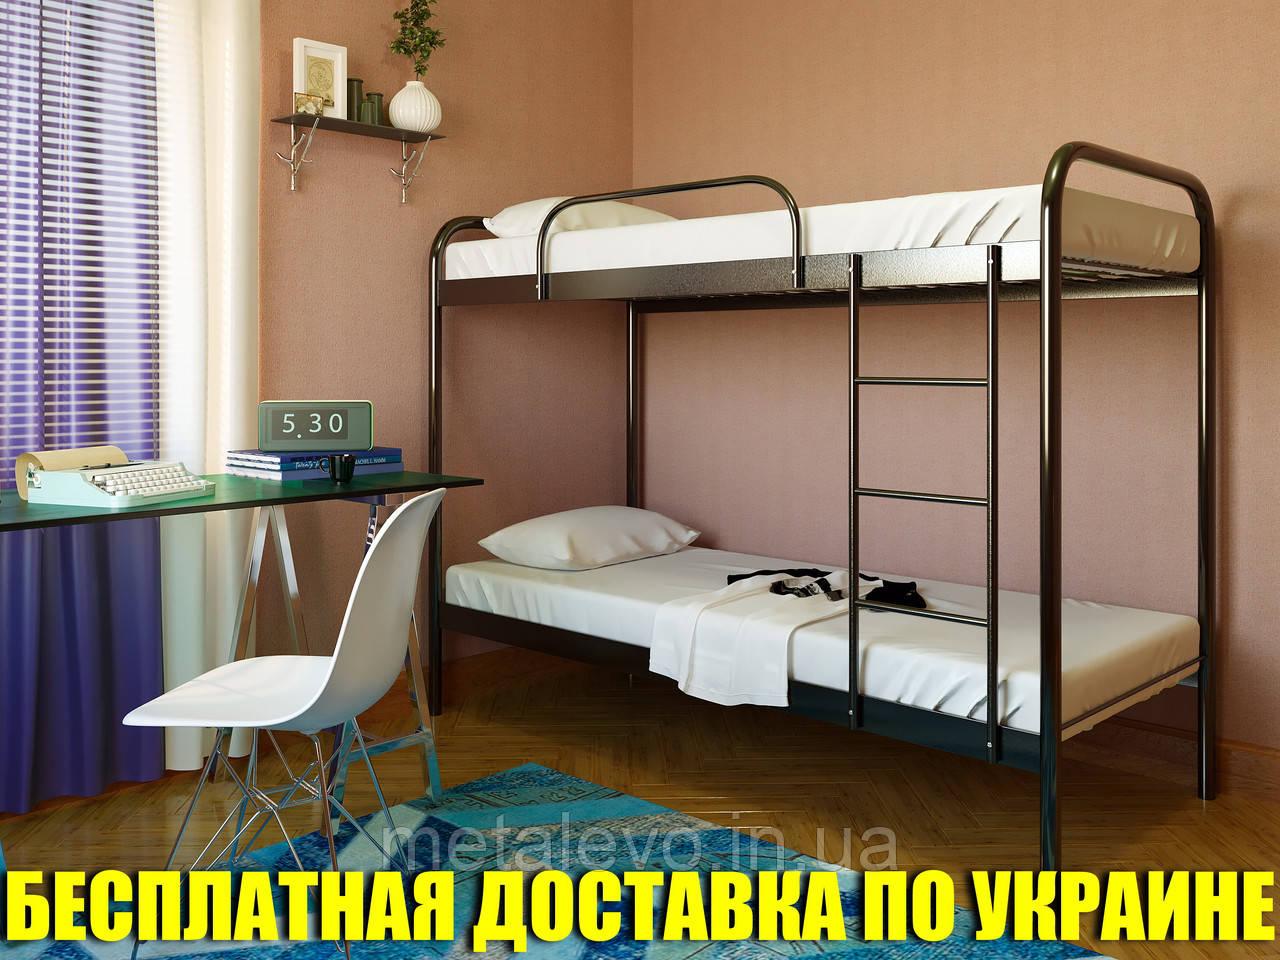 Двухъярусная металлическая кровать РЕЛАКС ДУО (RELAX DUO)